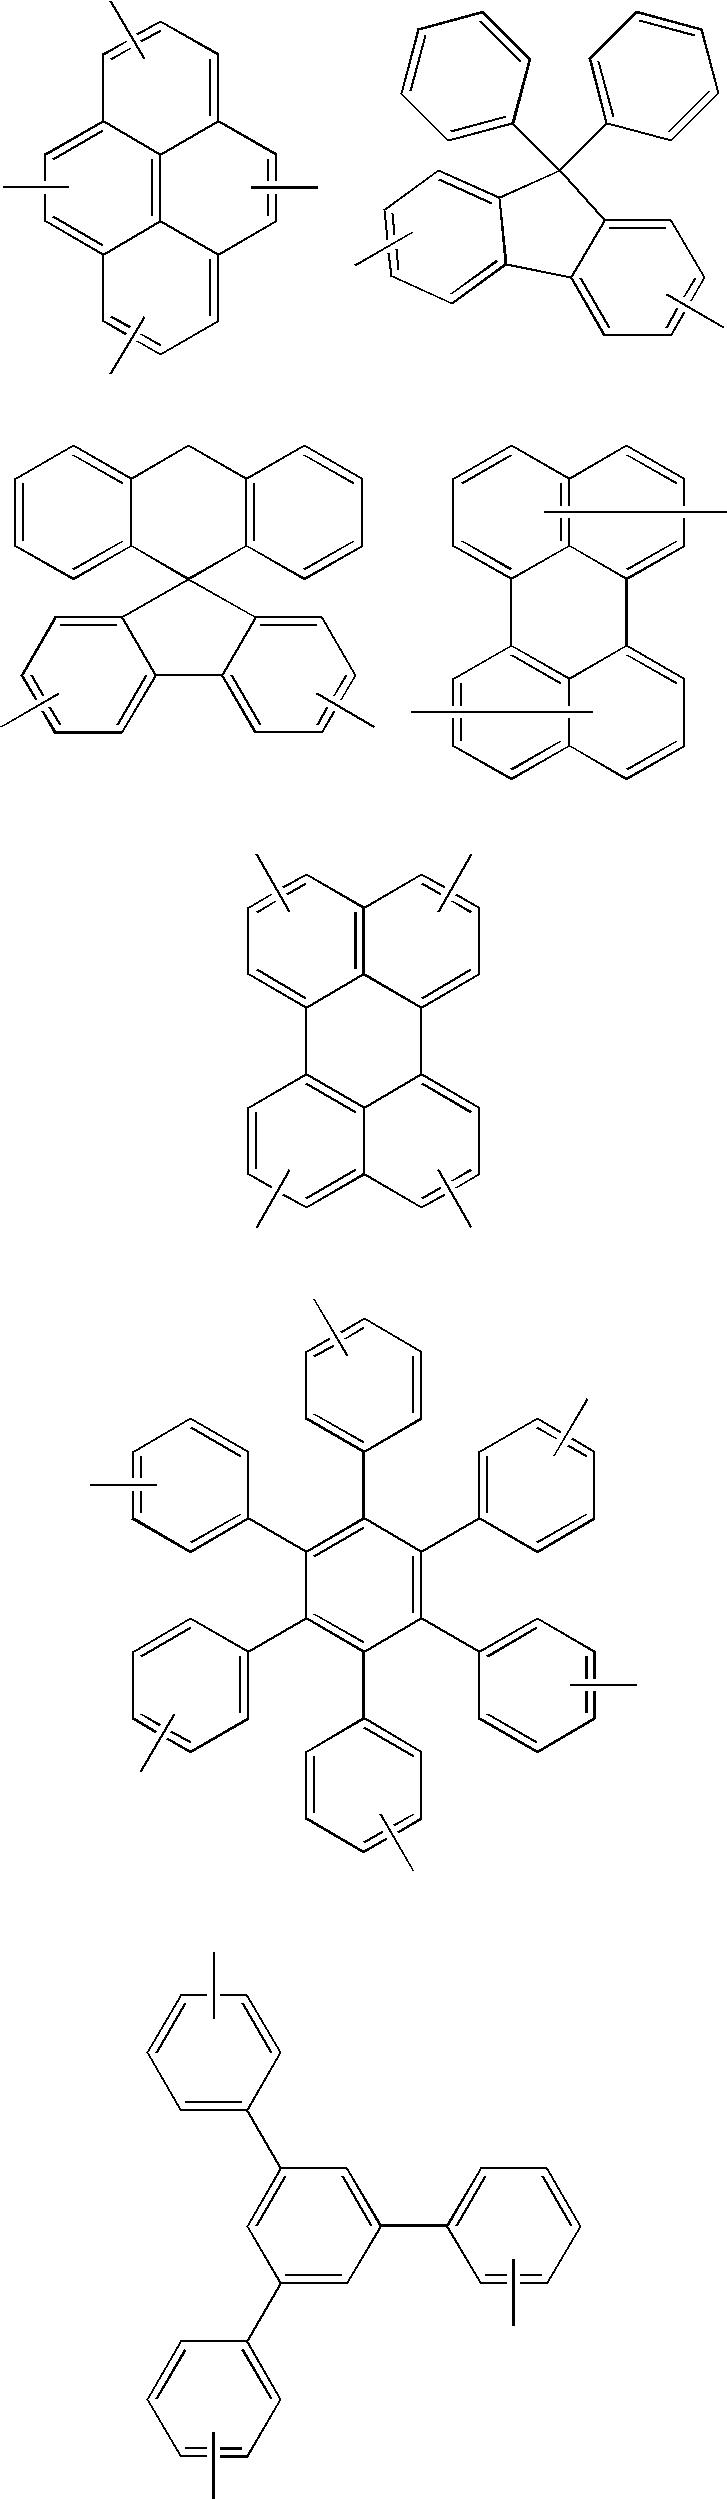 Figure US20090115316A1-20090507-C00036